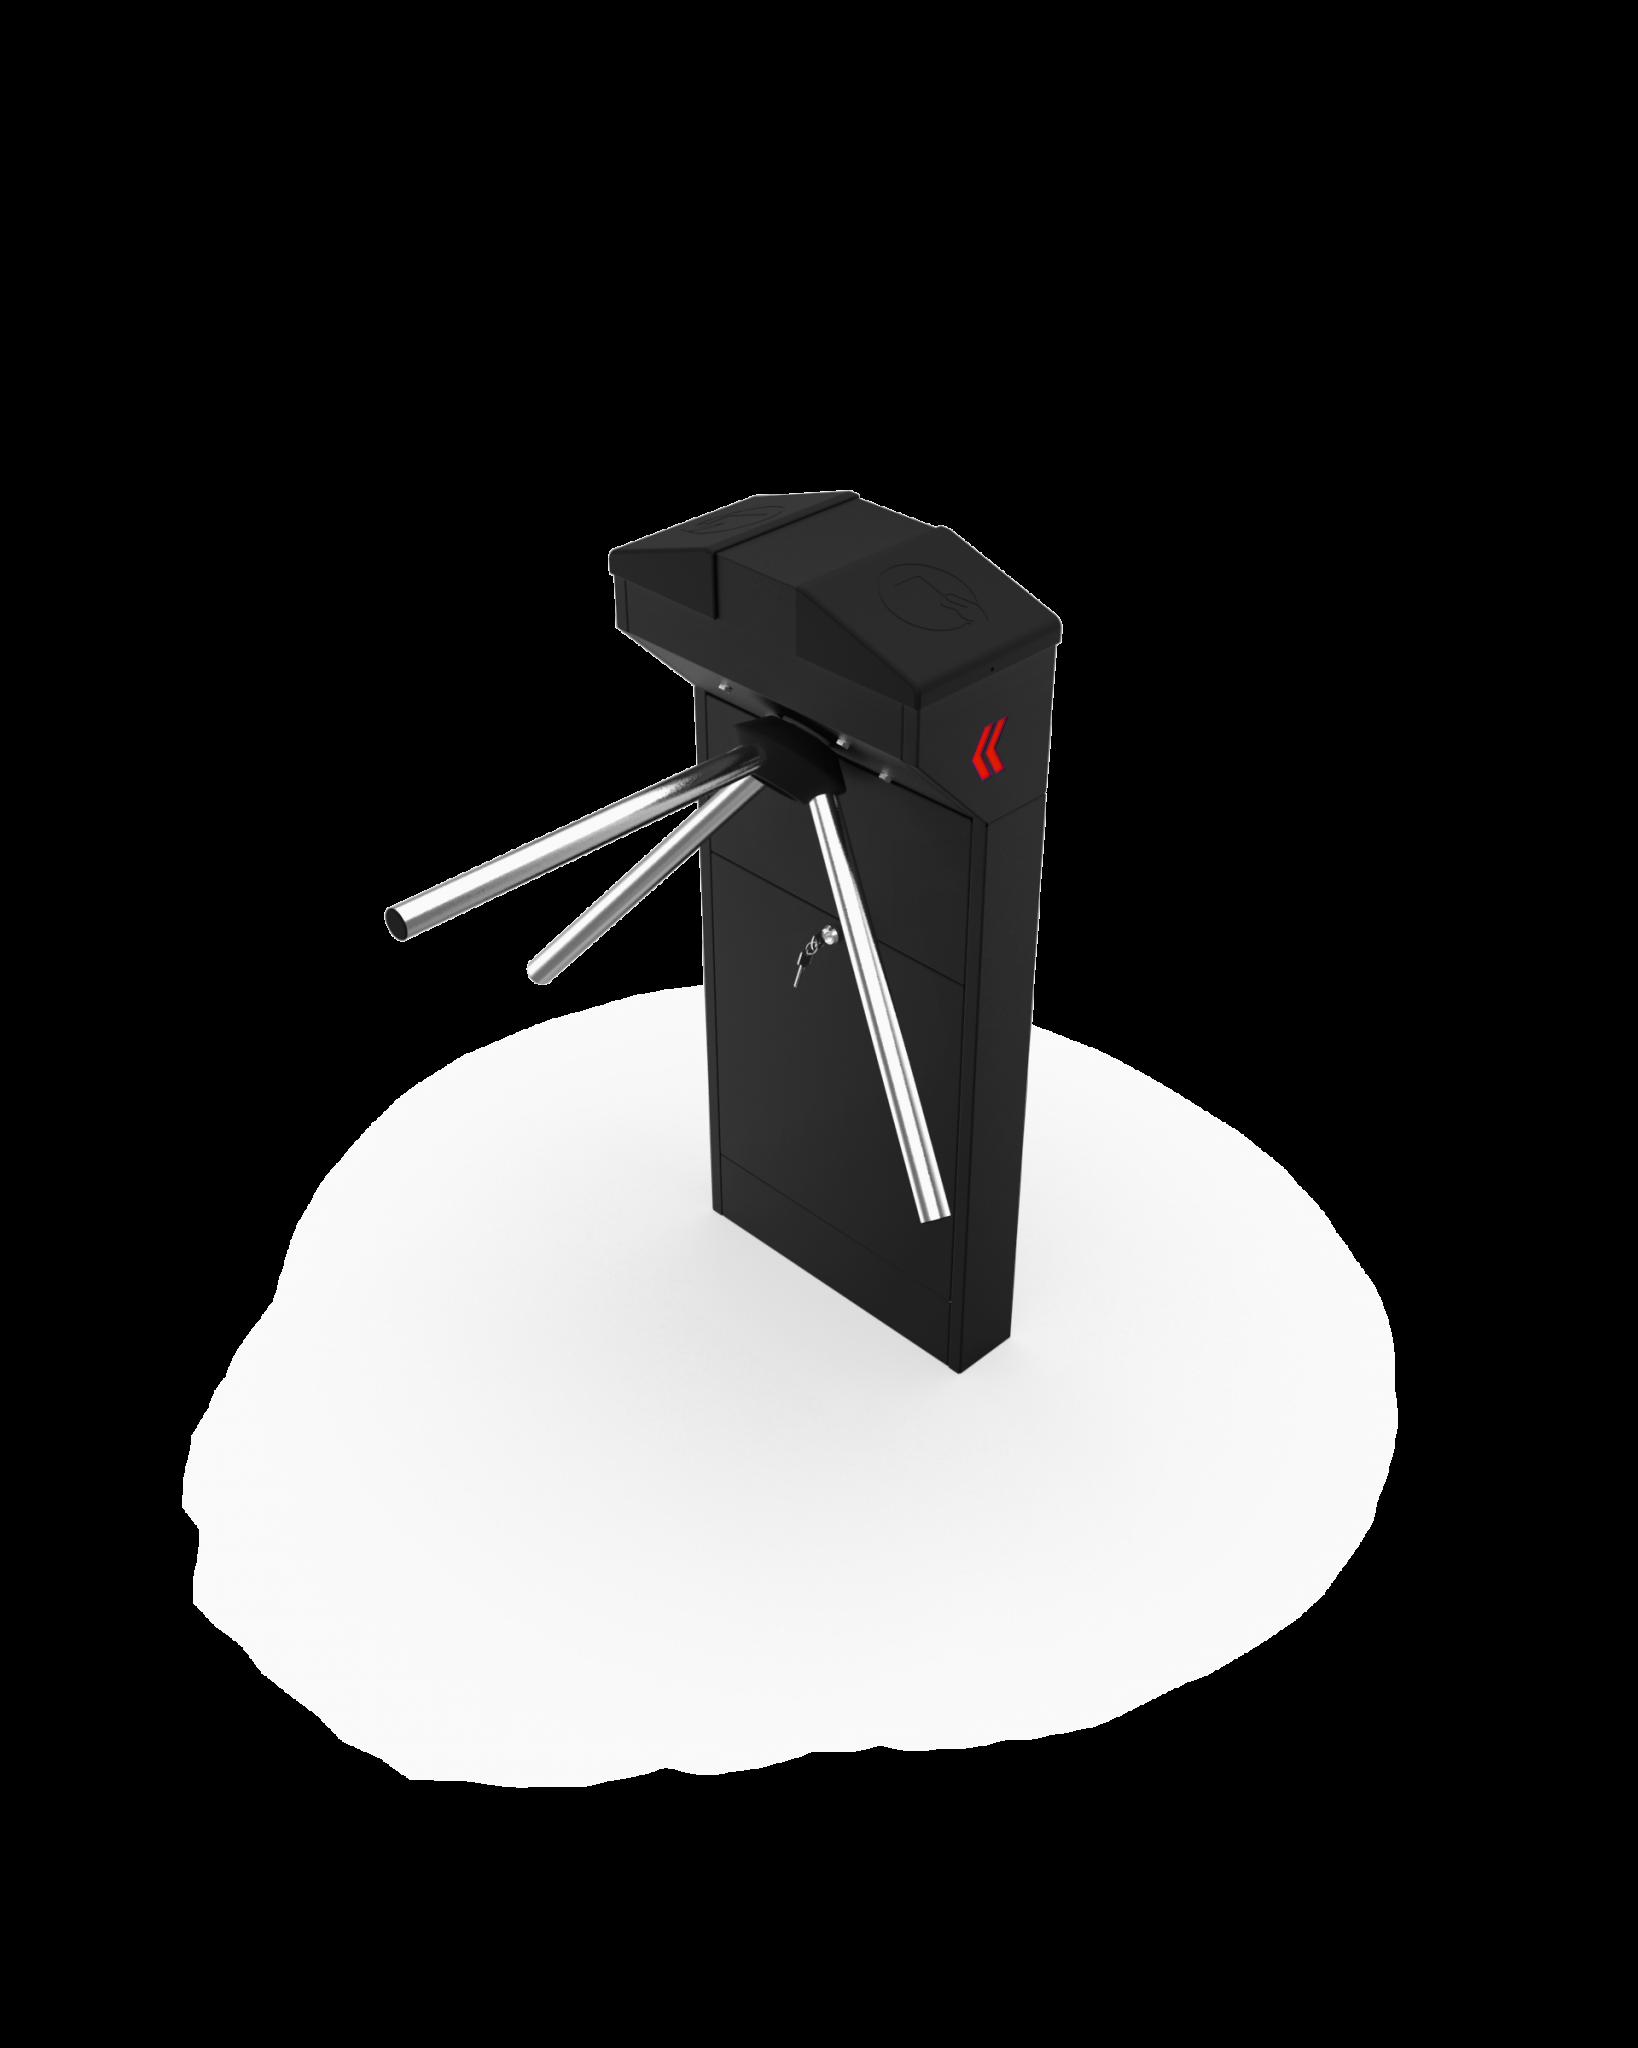 CRB 110C – Açılı Kapaklı Renkli Tek Ayaklı Turnike